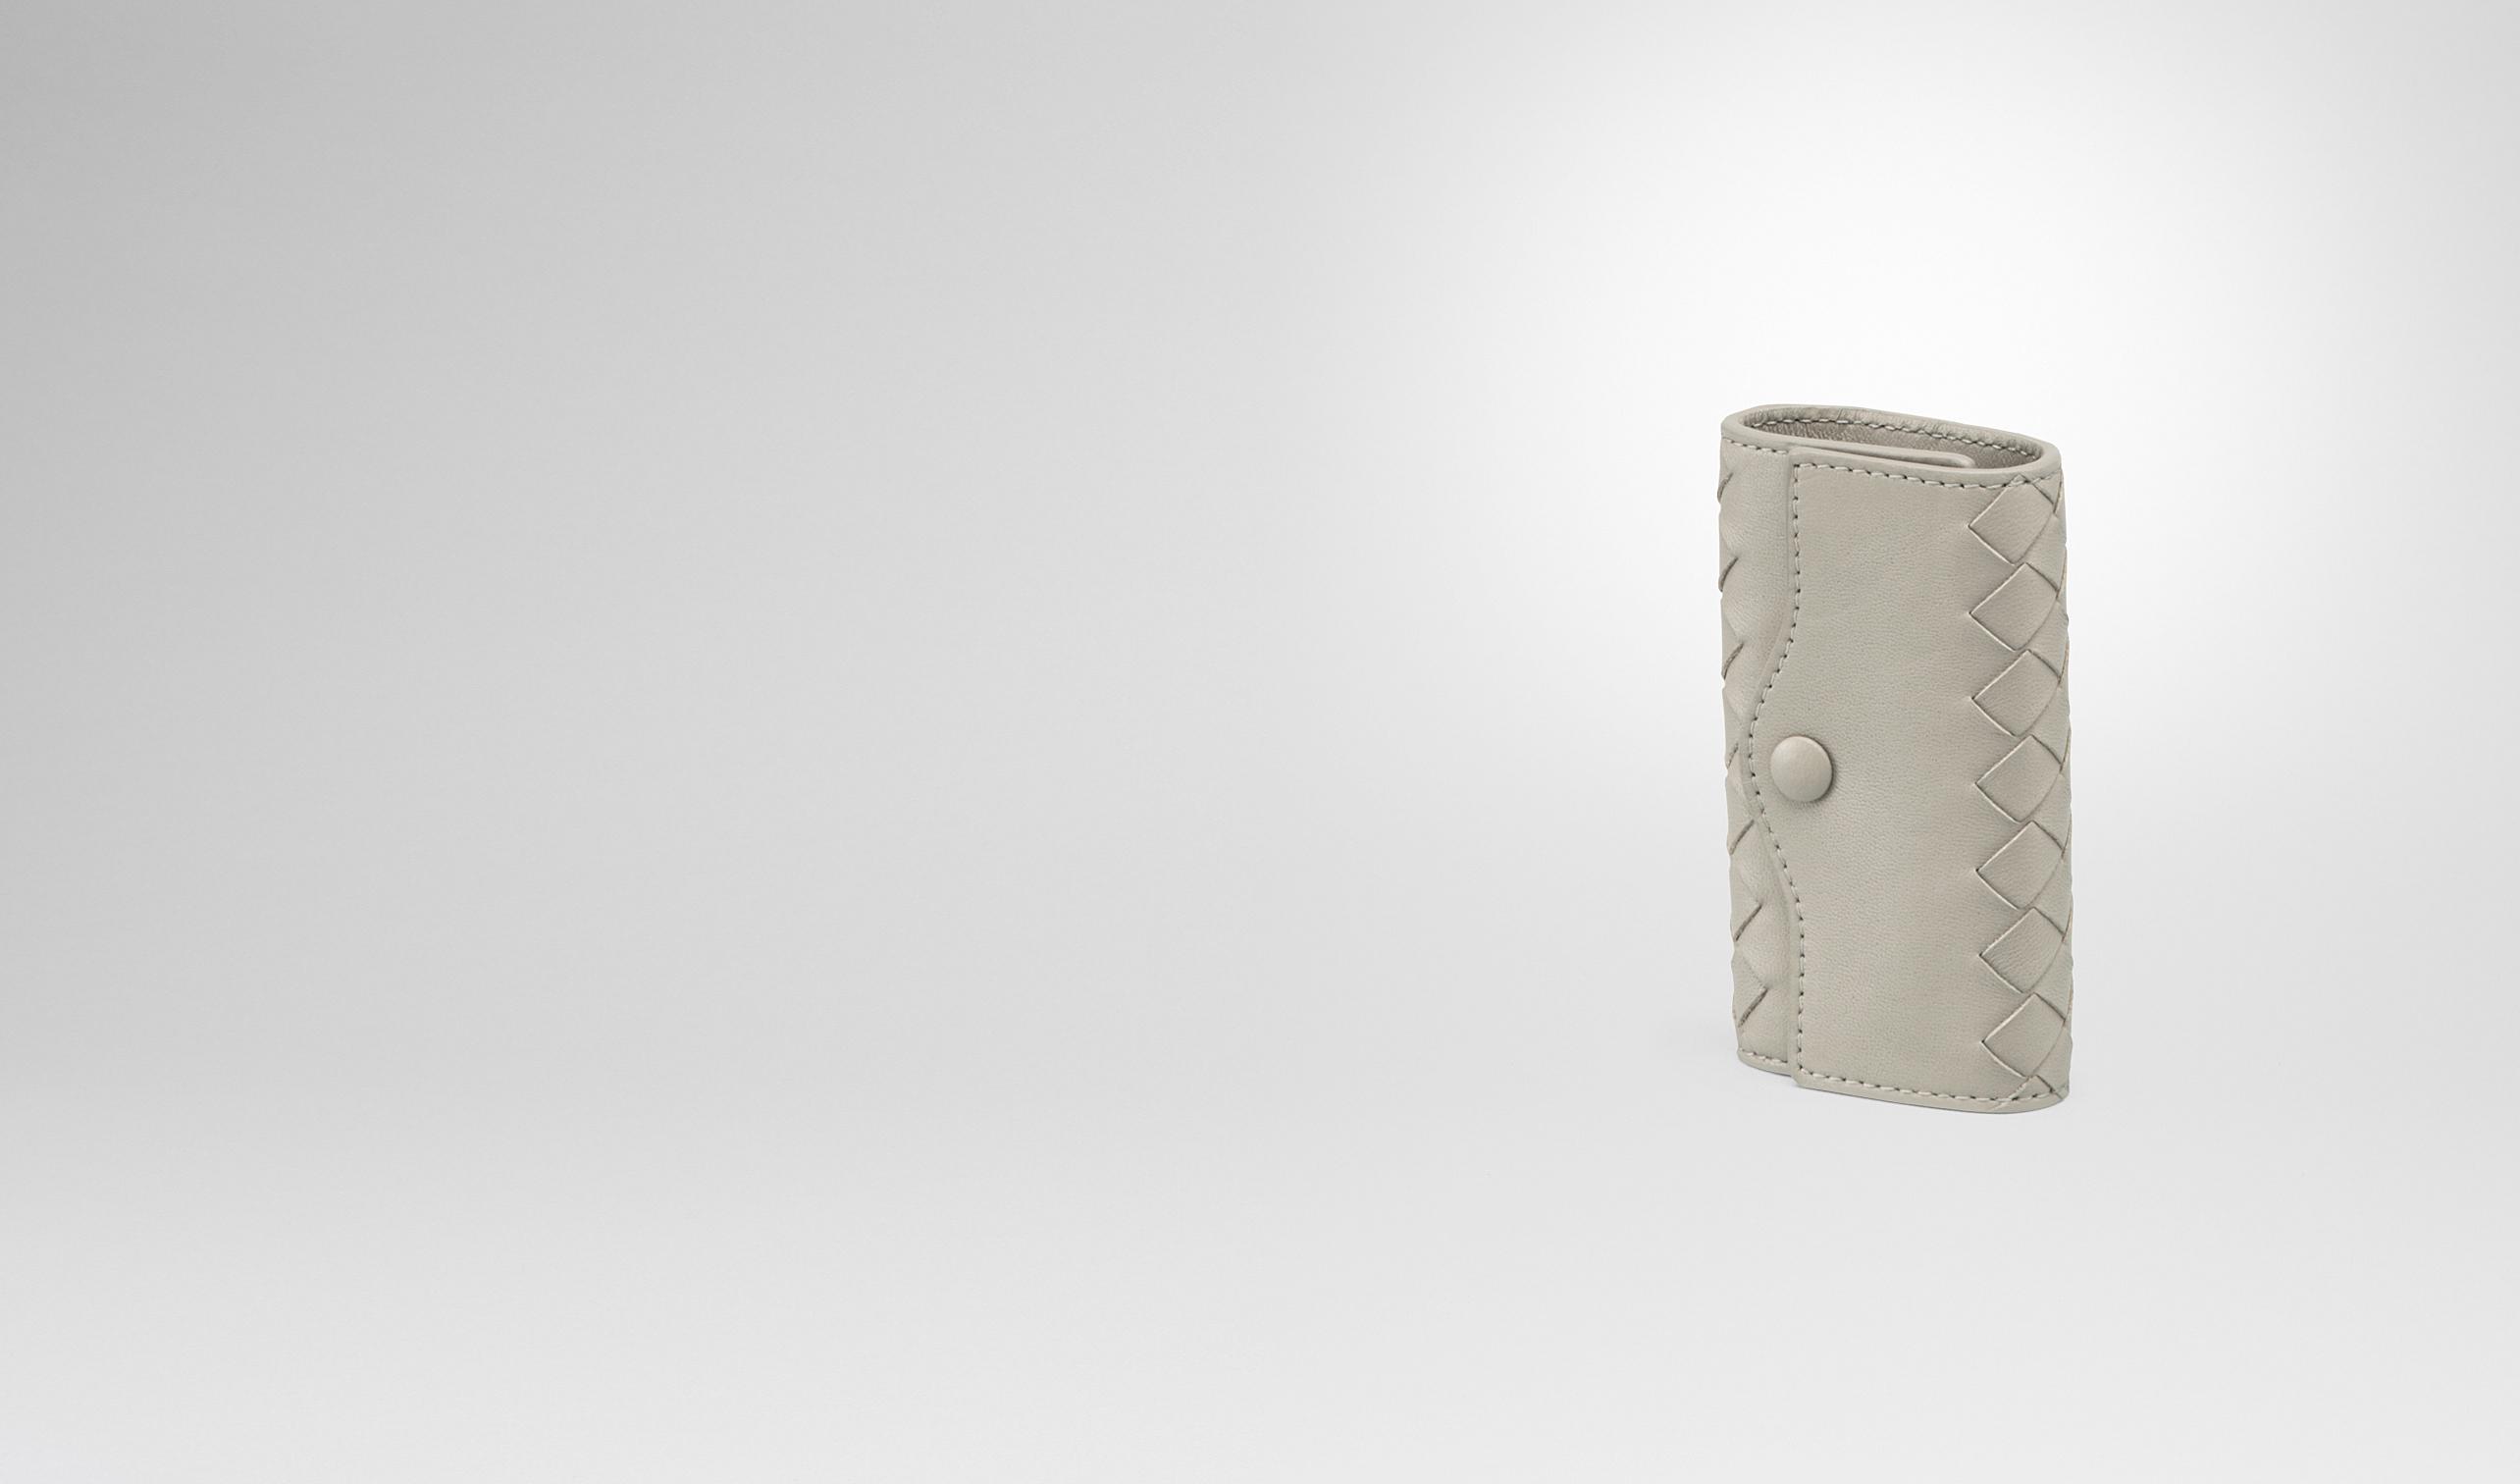 品采用软质小羊皮手工编织制成,设有实用的铆钉搭扣和 4 个光泽钥匙圈